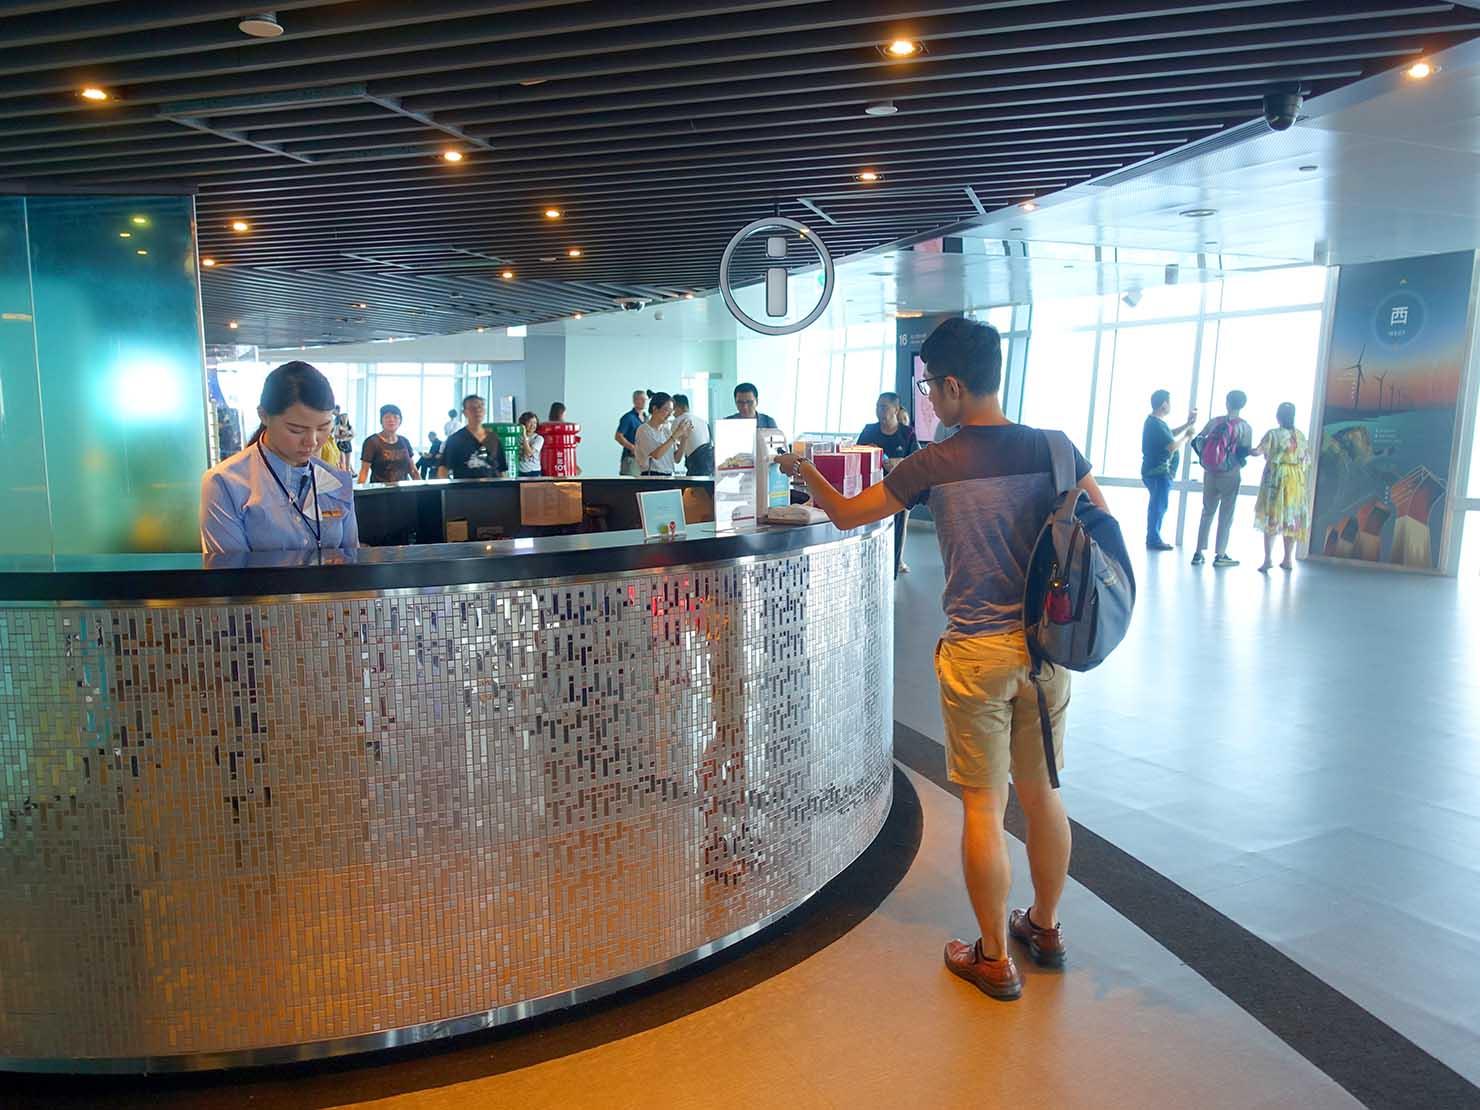 台北101展望台のインフォメーションカウンター